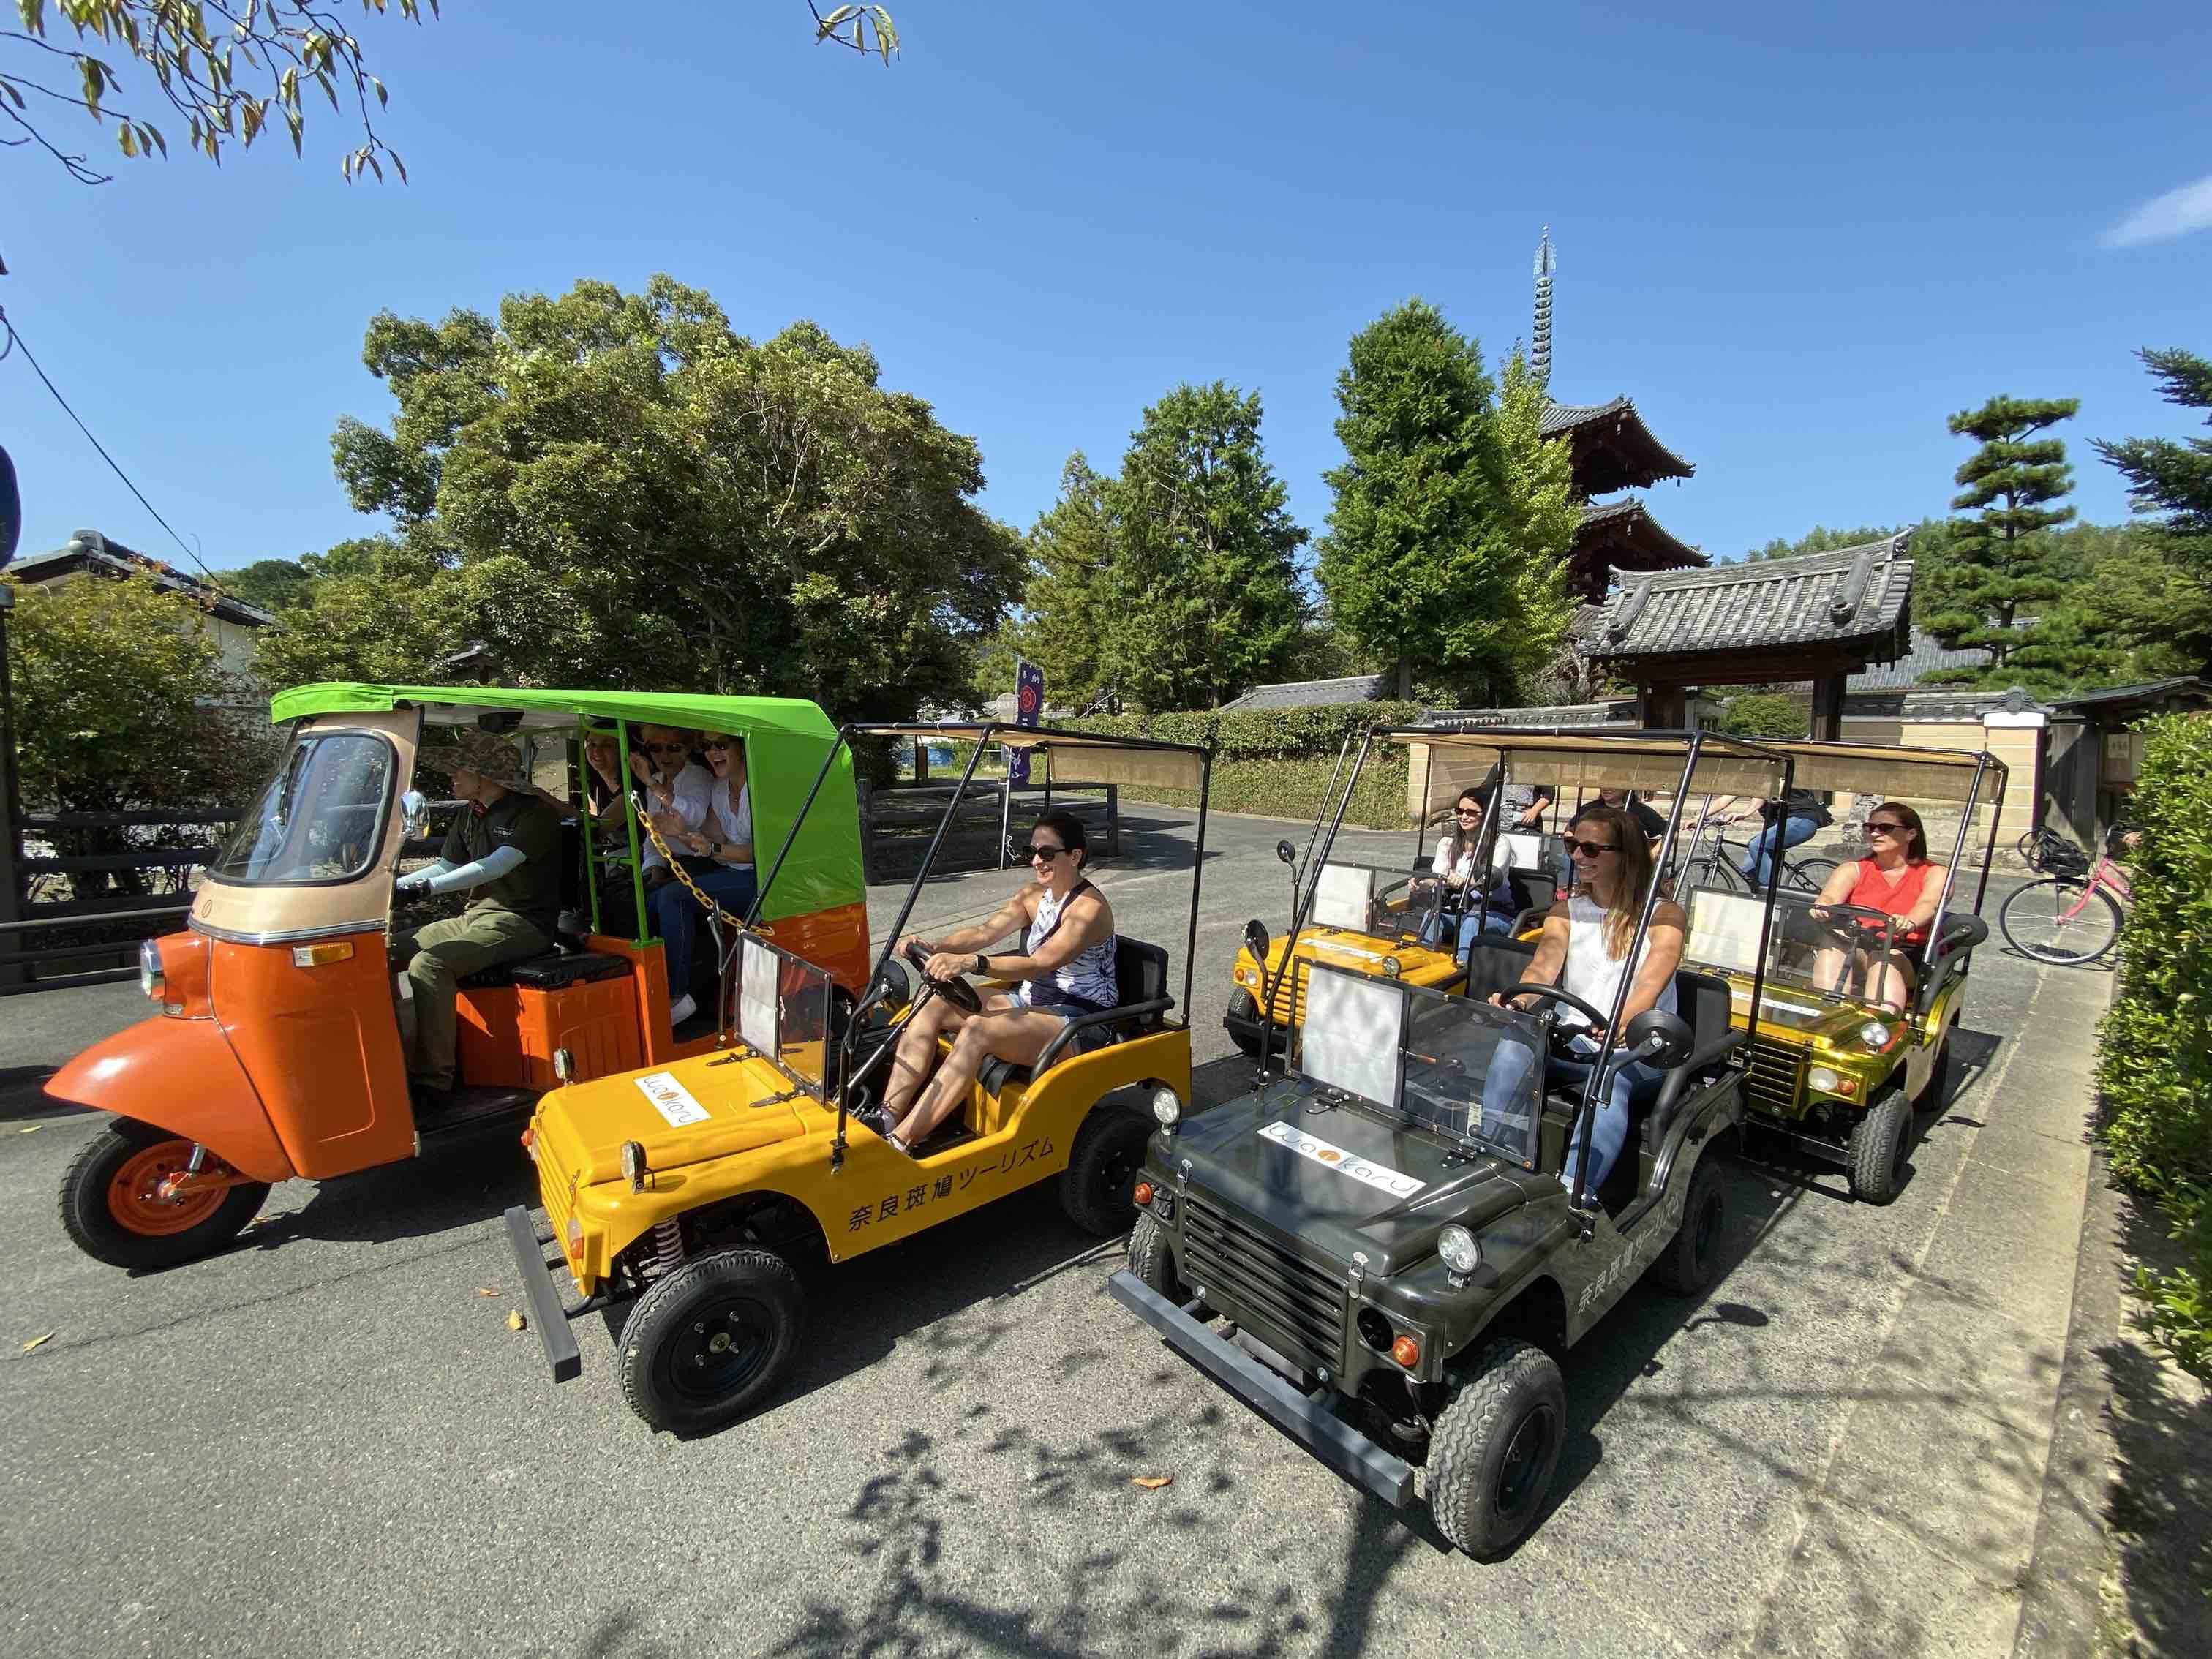 法隆寺をトゥクトゥクで巡るツアーが登場、奈良県斑鳩町の史跡・名所を、地元観光案内所が提供